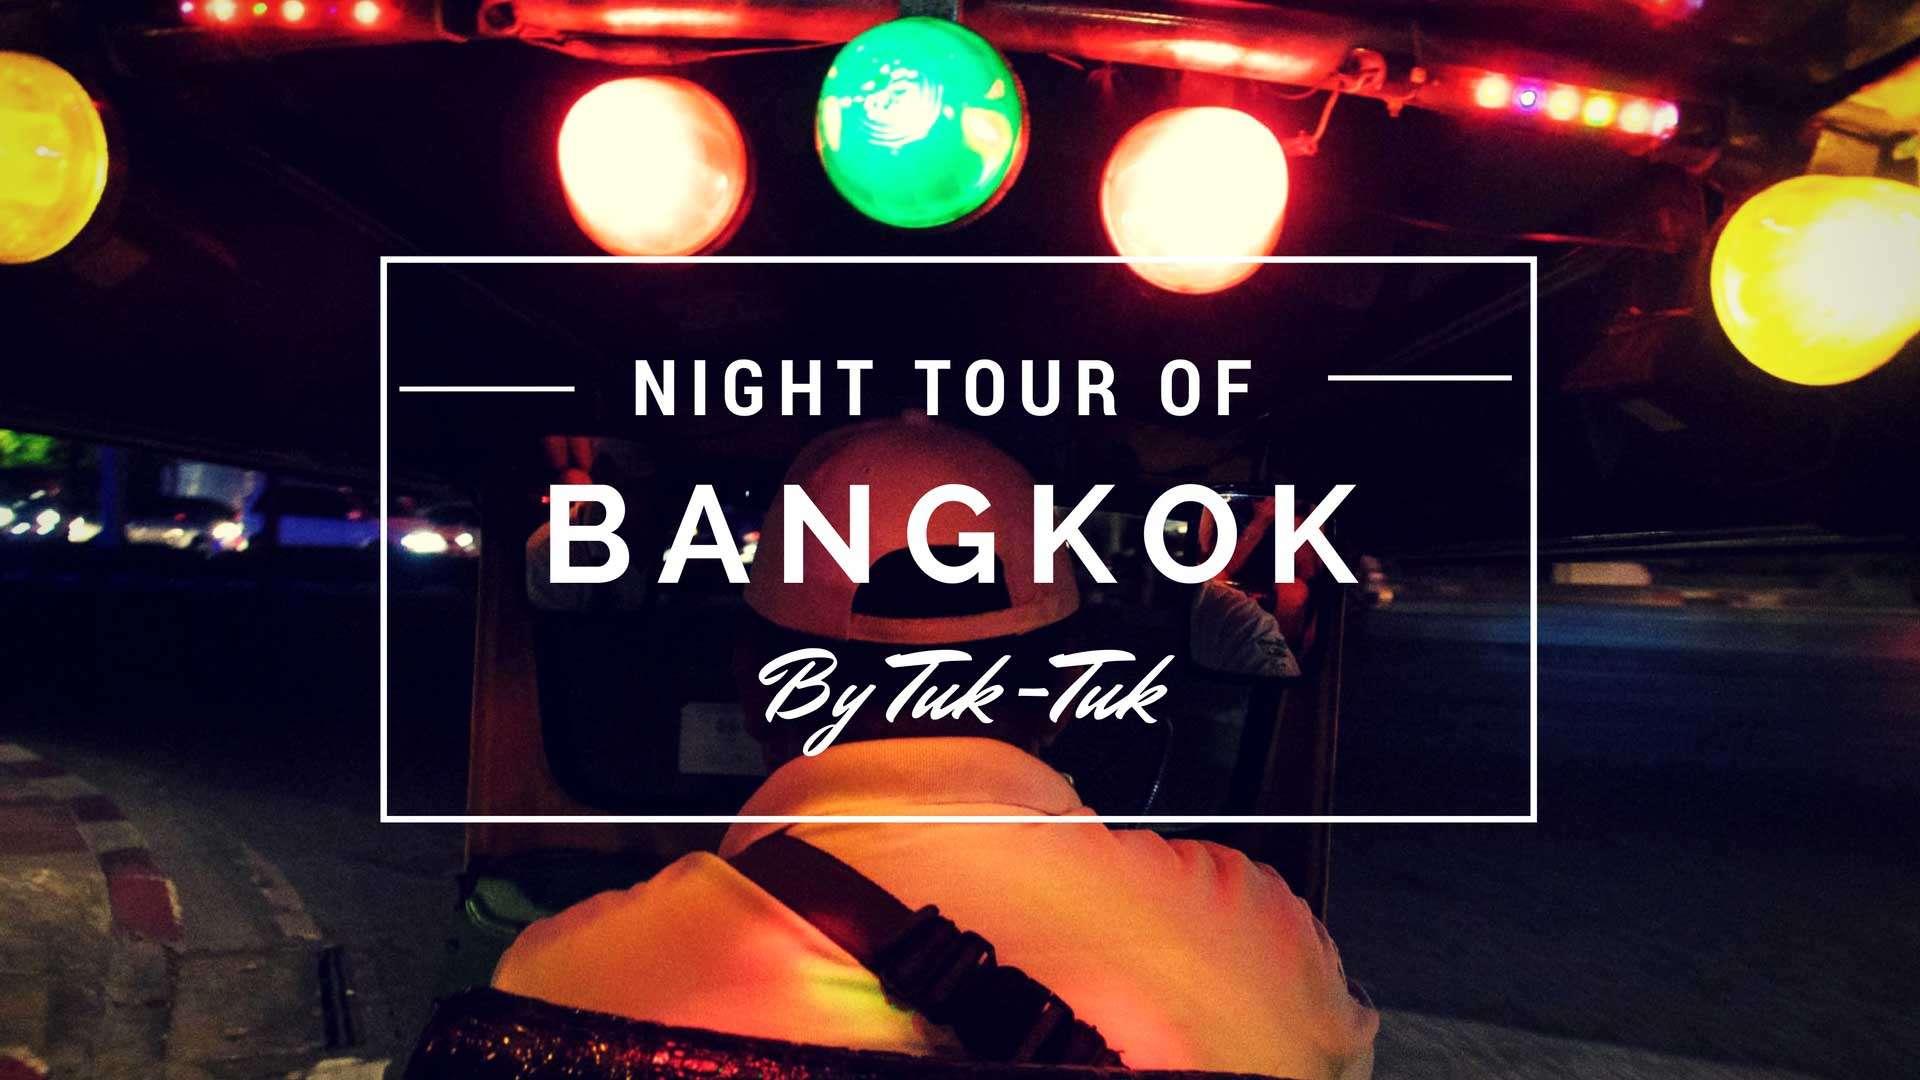 Night Tour of Bangkok by Tuk-Tuk!